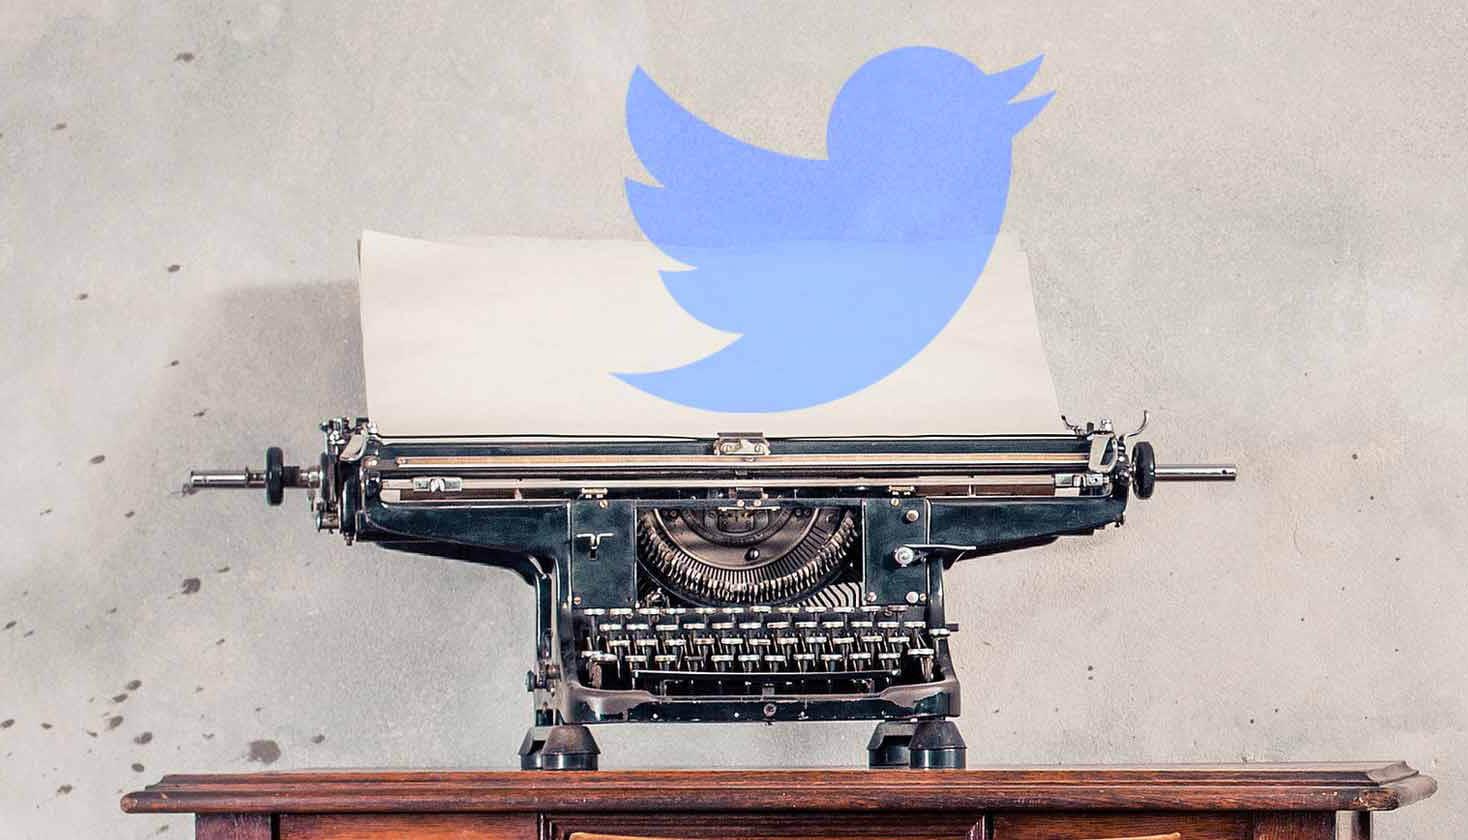 توییتر تولید کنندگان محتوا را به صورت شگفت انگیزی غافلگیر و هیجان زده کرد.